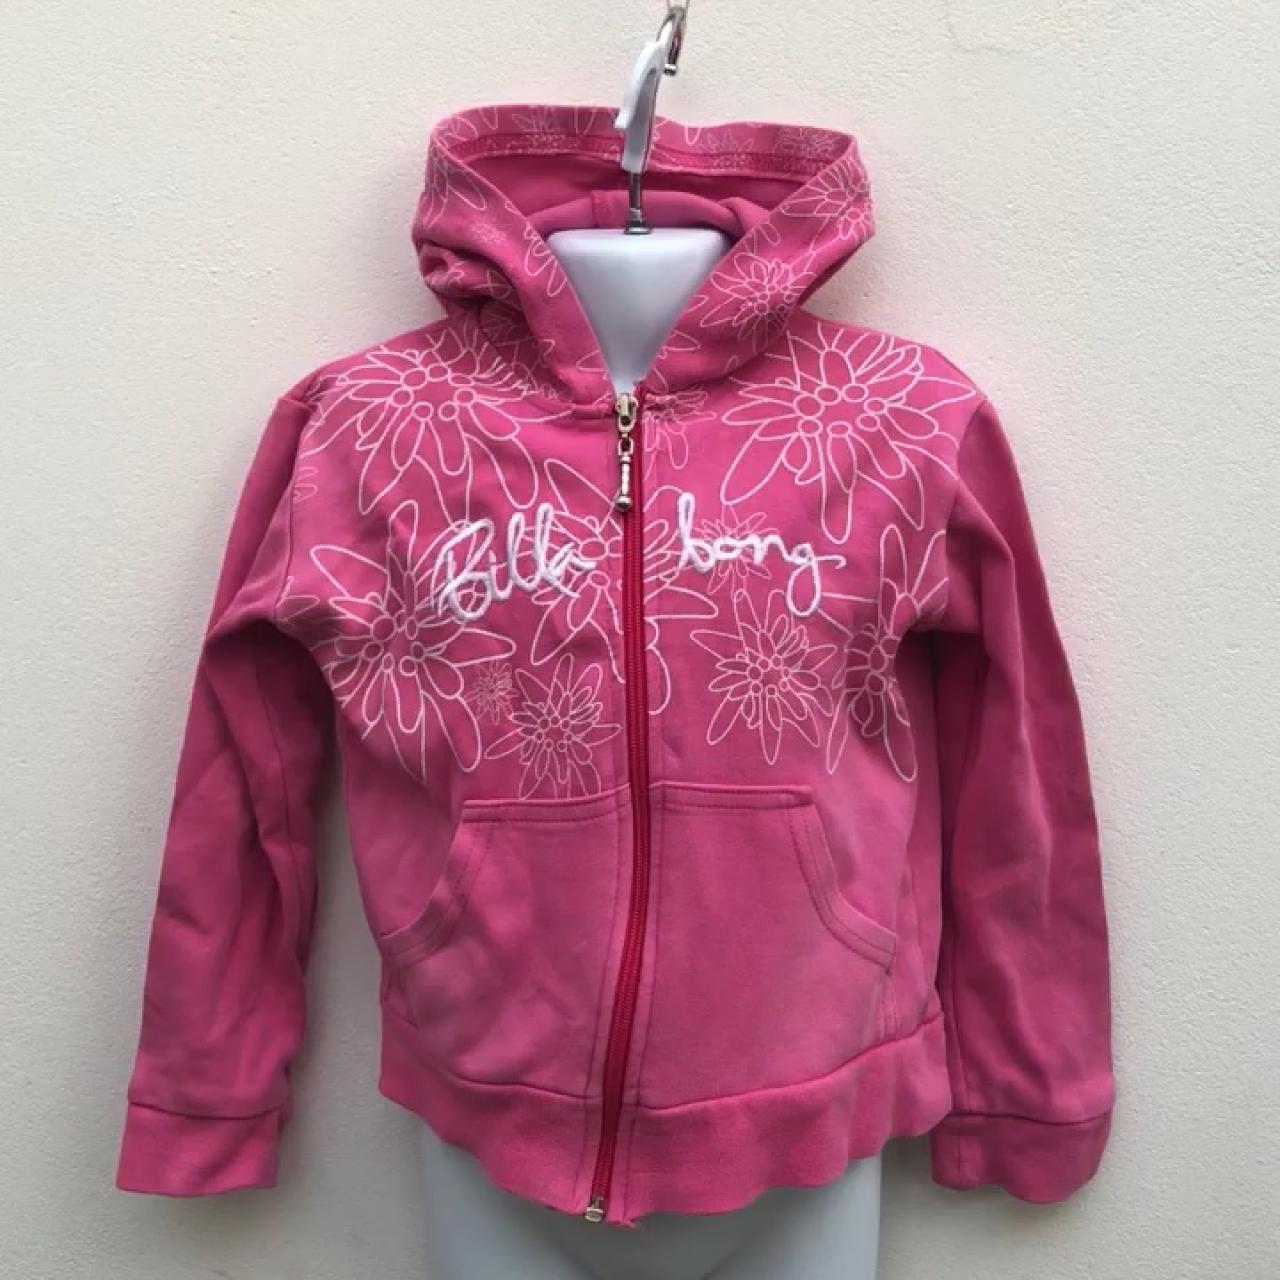 773da9663 🎀💖🎀 Lush BILLABONG girls pink flowery hoodie   hooded top - Depop